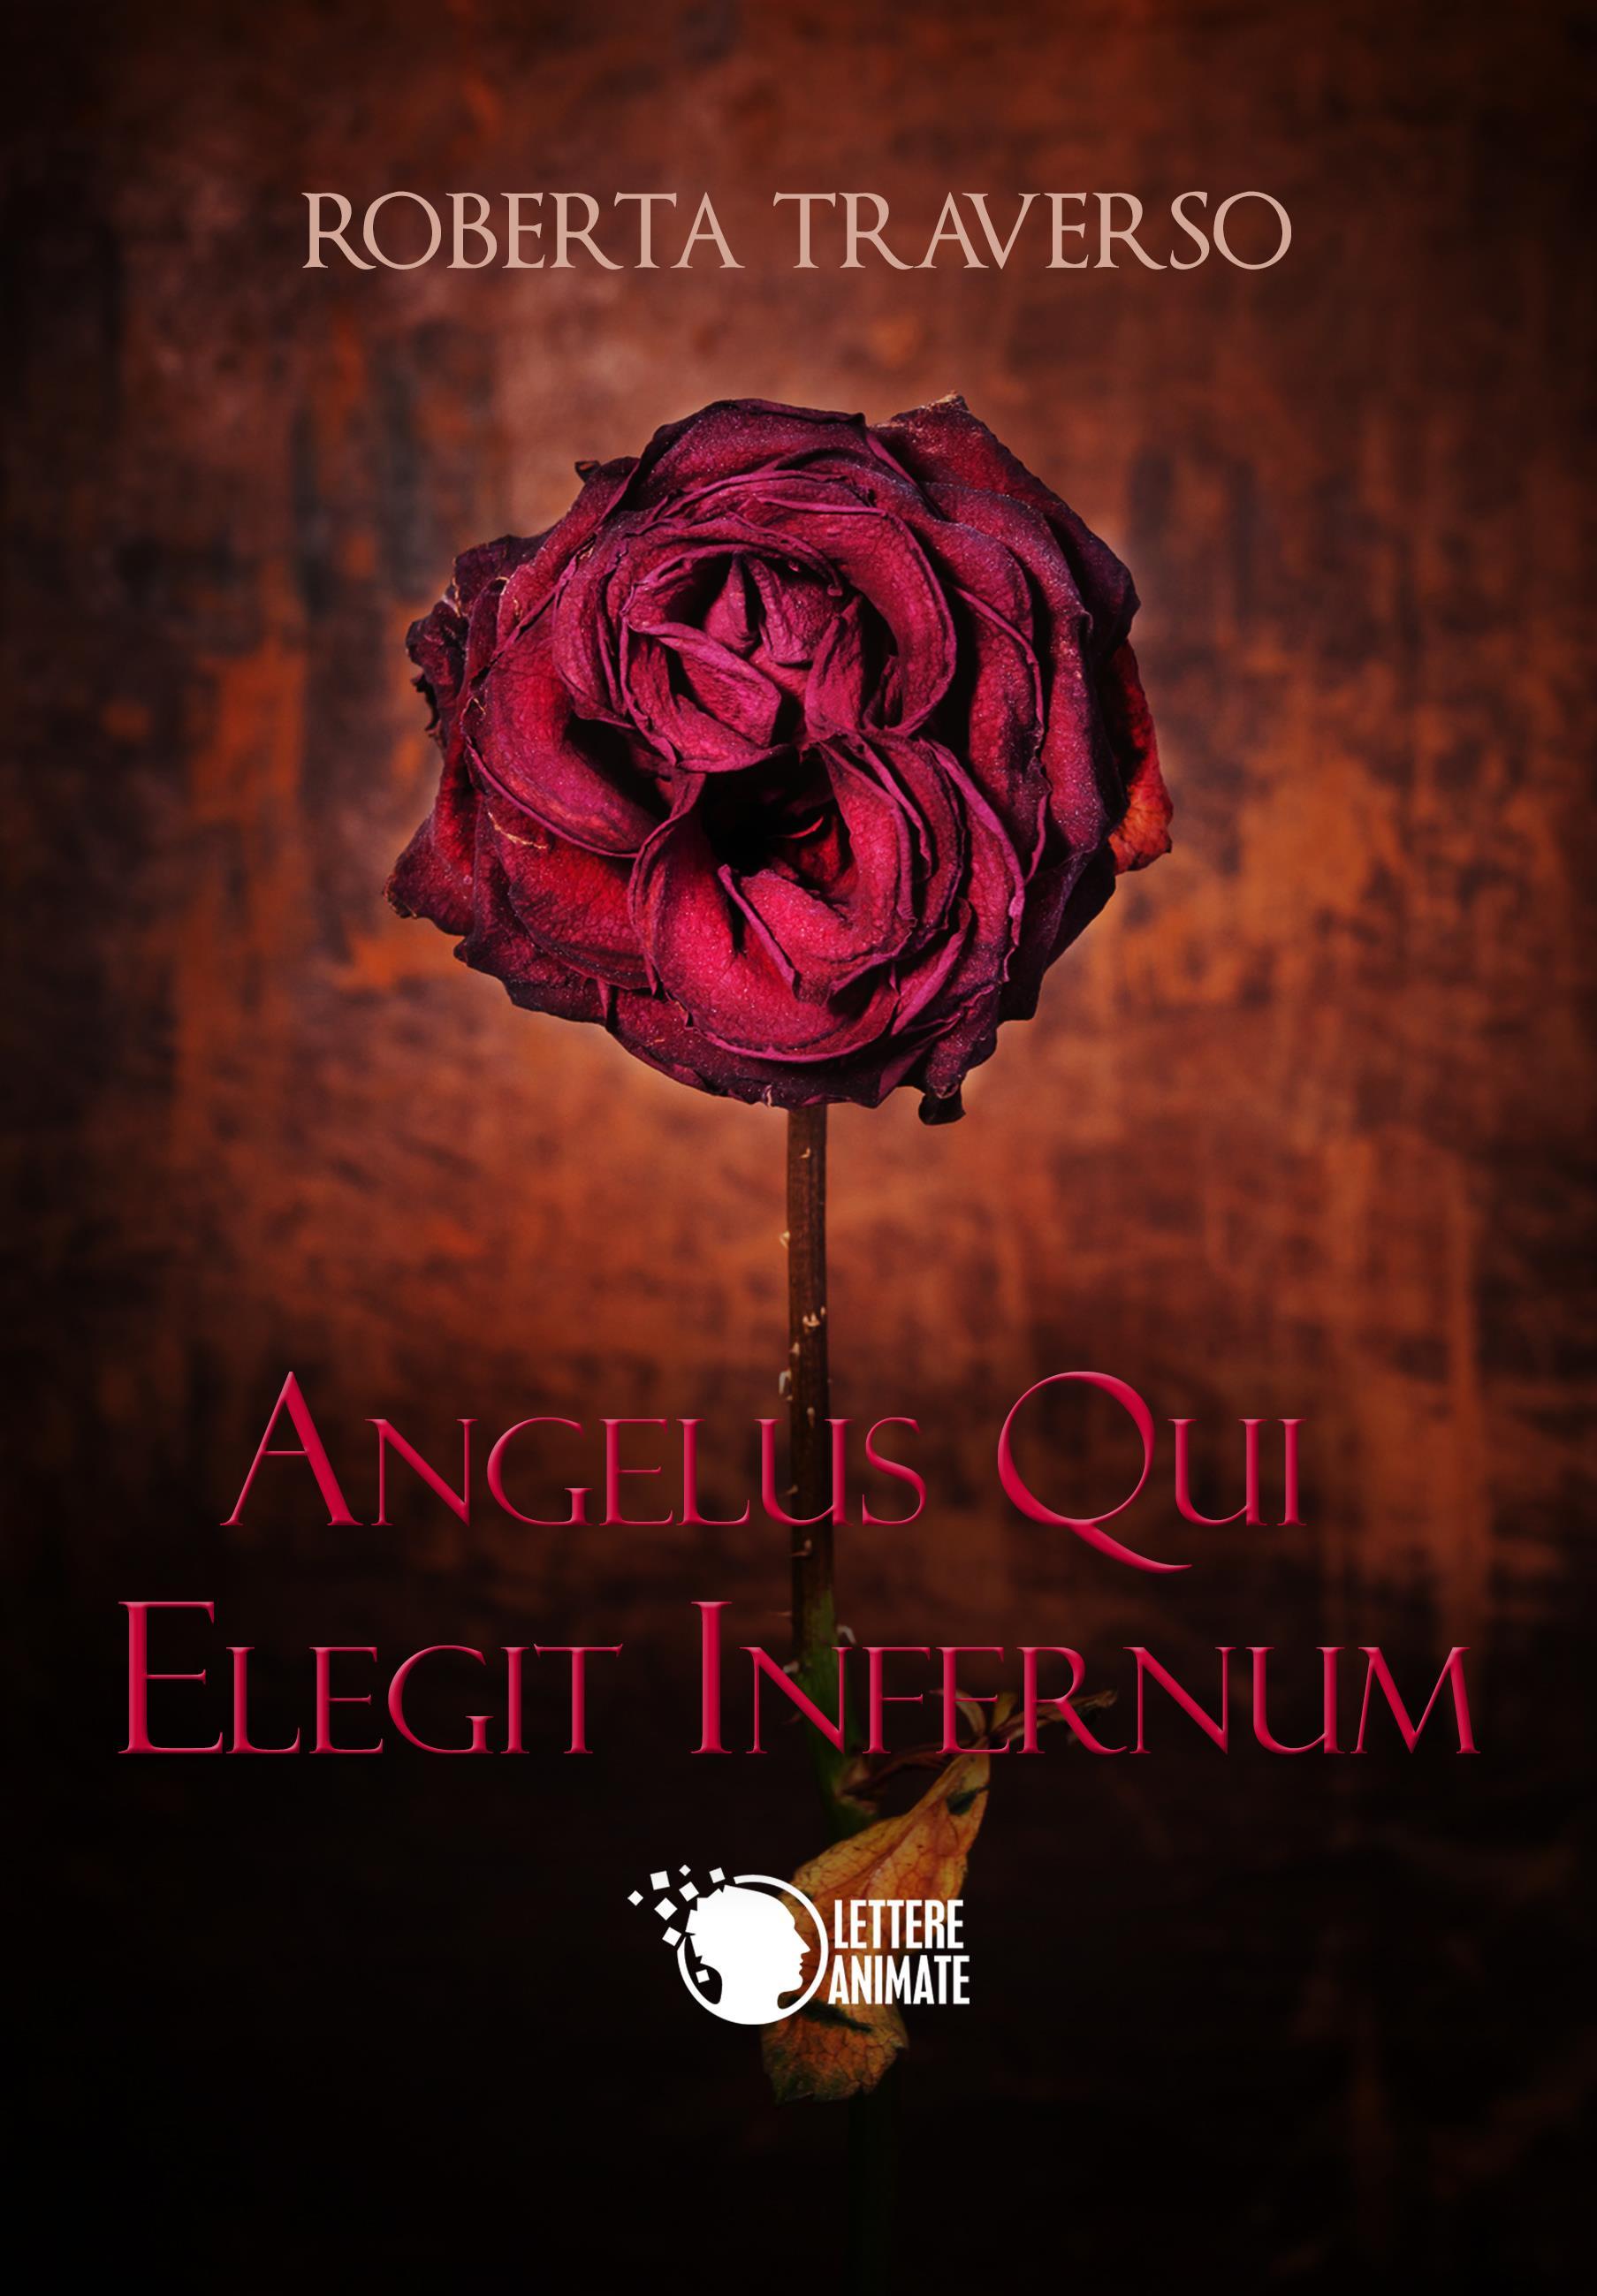 Angelus qui elegit infernum